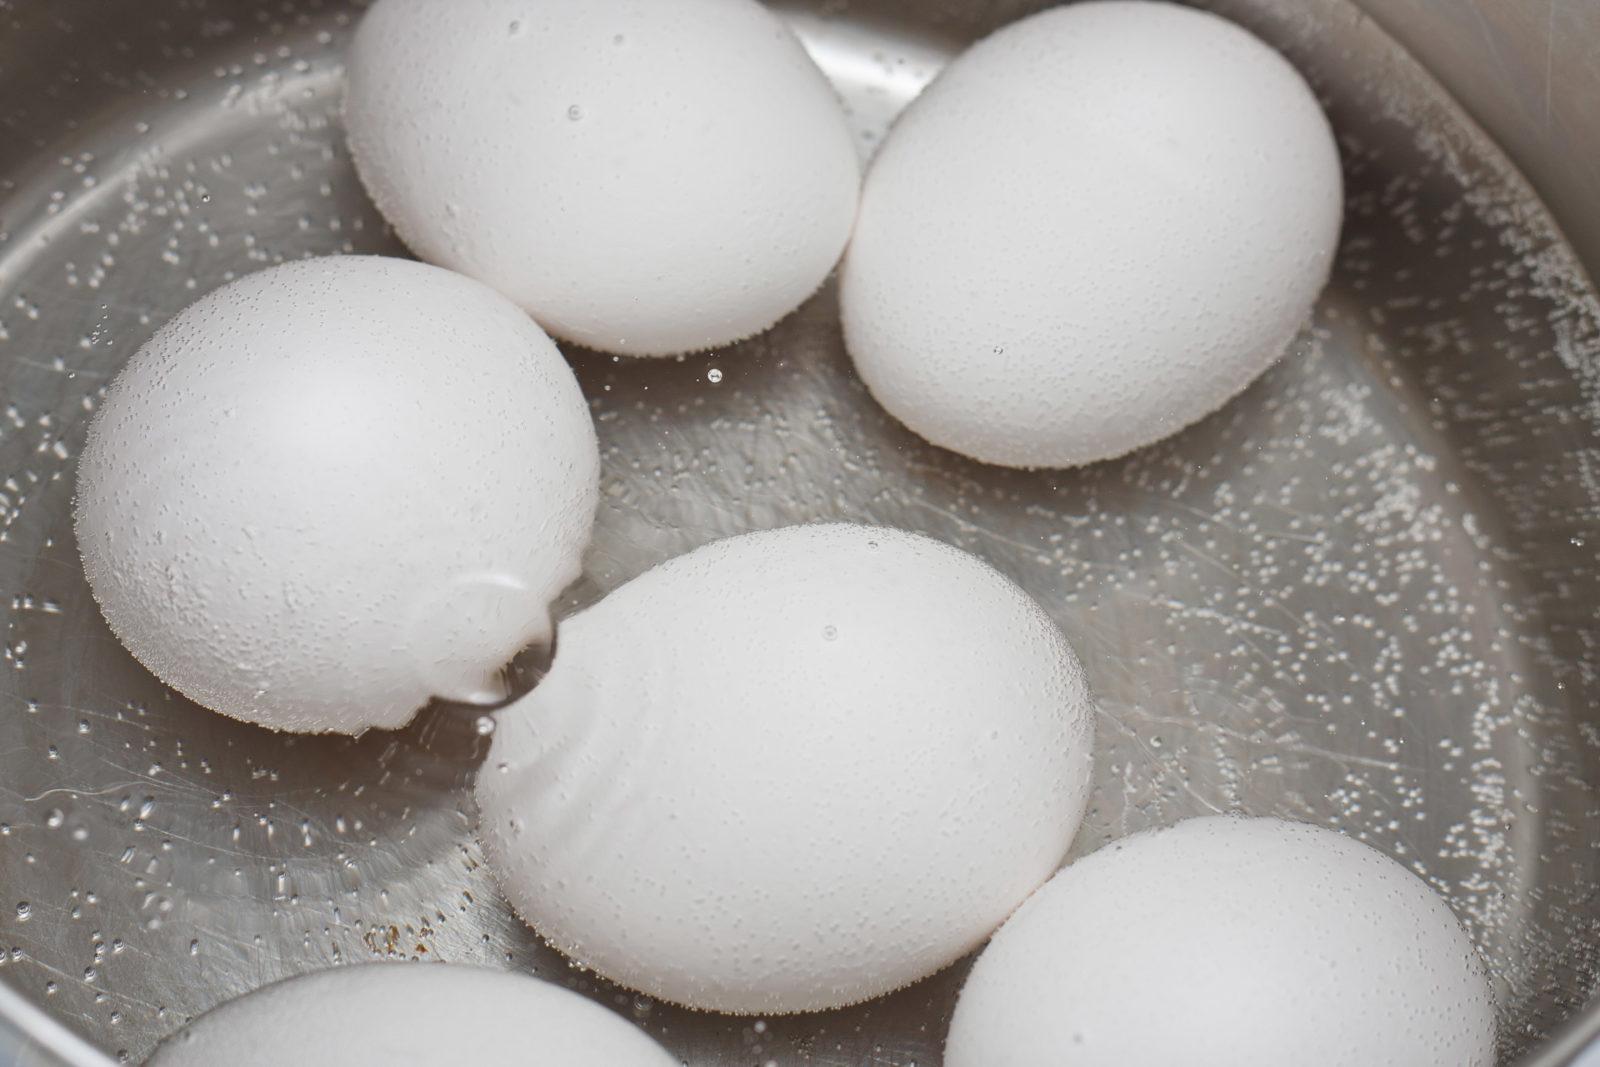 Egg som koker i en kjele. Foto.